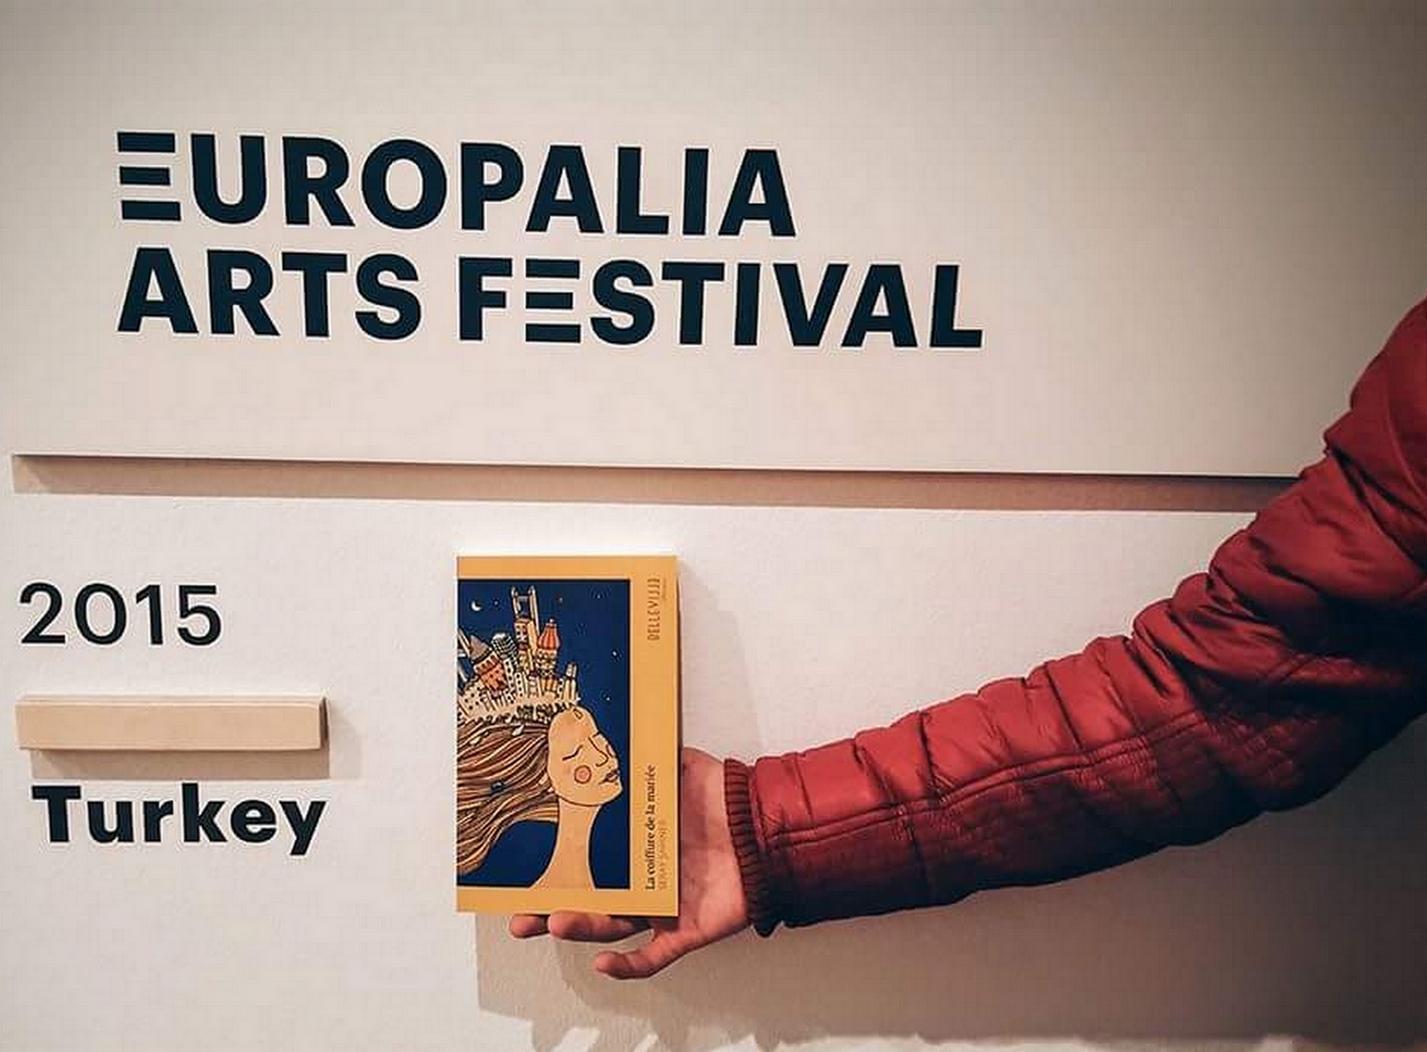 Le livre a été présenté pour la première fois au festival belge Europalia Arts festival en 2015. ©DR